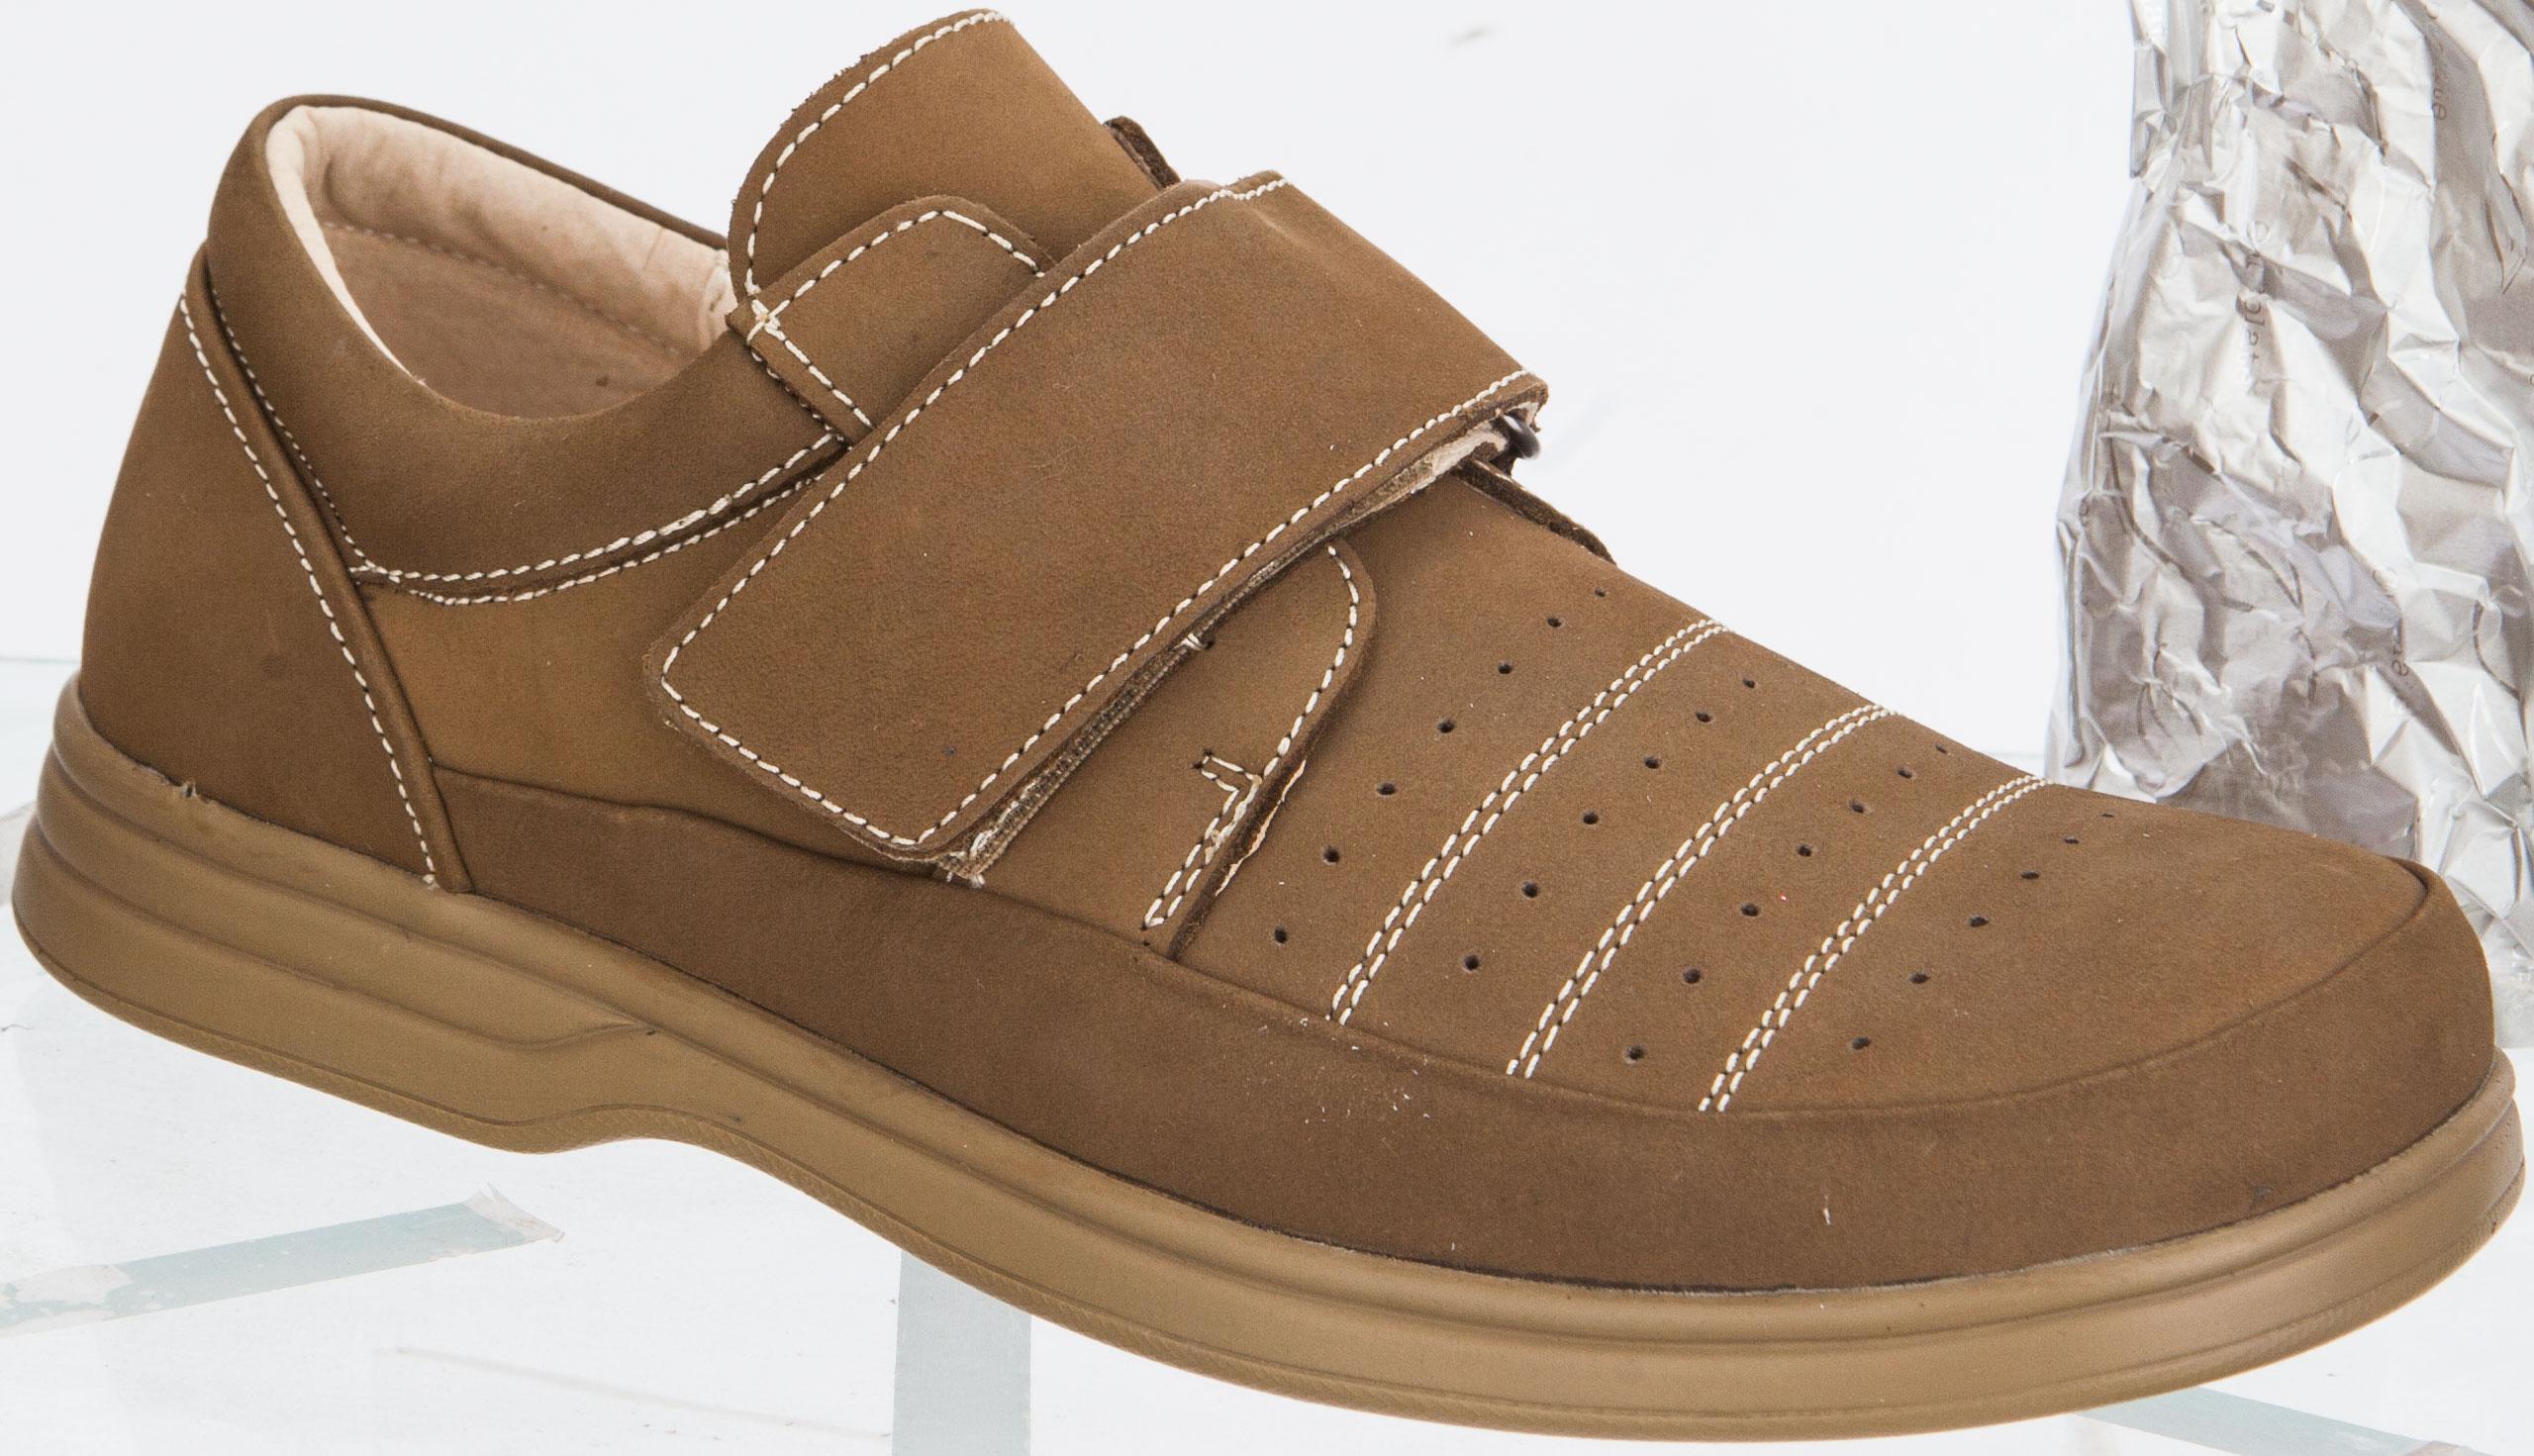 Туфли для мальчика. 24042-224042-2Стильные туфли от Kapika придутся по душе вашему мальчику! Модель выполнена из натуральной кожи и дополнена контрастной прострочкой. Застегивается модель на ремешок с липучкой. Стелька из натуральной кожи дополнена супинатором с перфорацией, который обеспечивает правильное положение ноги ребенка при ходьбе, предотвращает плоскостопие. Стелька с перфорацией обеспечивает воздухопроницаемость, отличную амортизацию, сохранение комфортного микроклимата обуви, эффективное поглощение влаги и неприятных запахов. Рифленая поверхность подошвы гарантирует отличное сцепление с любыми поверхностями. Удобные туфли - незаменимая вещь в гардеробе каждого мальчика.